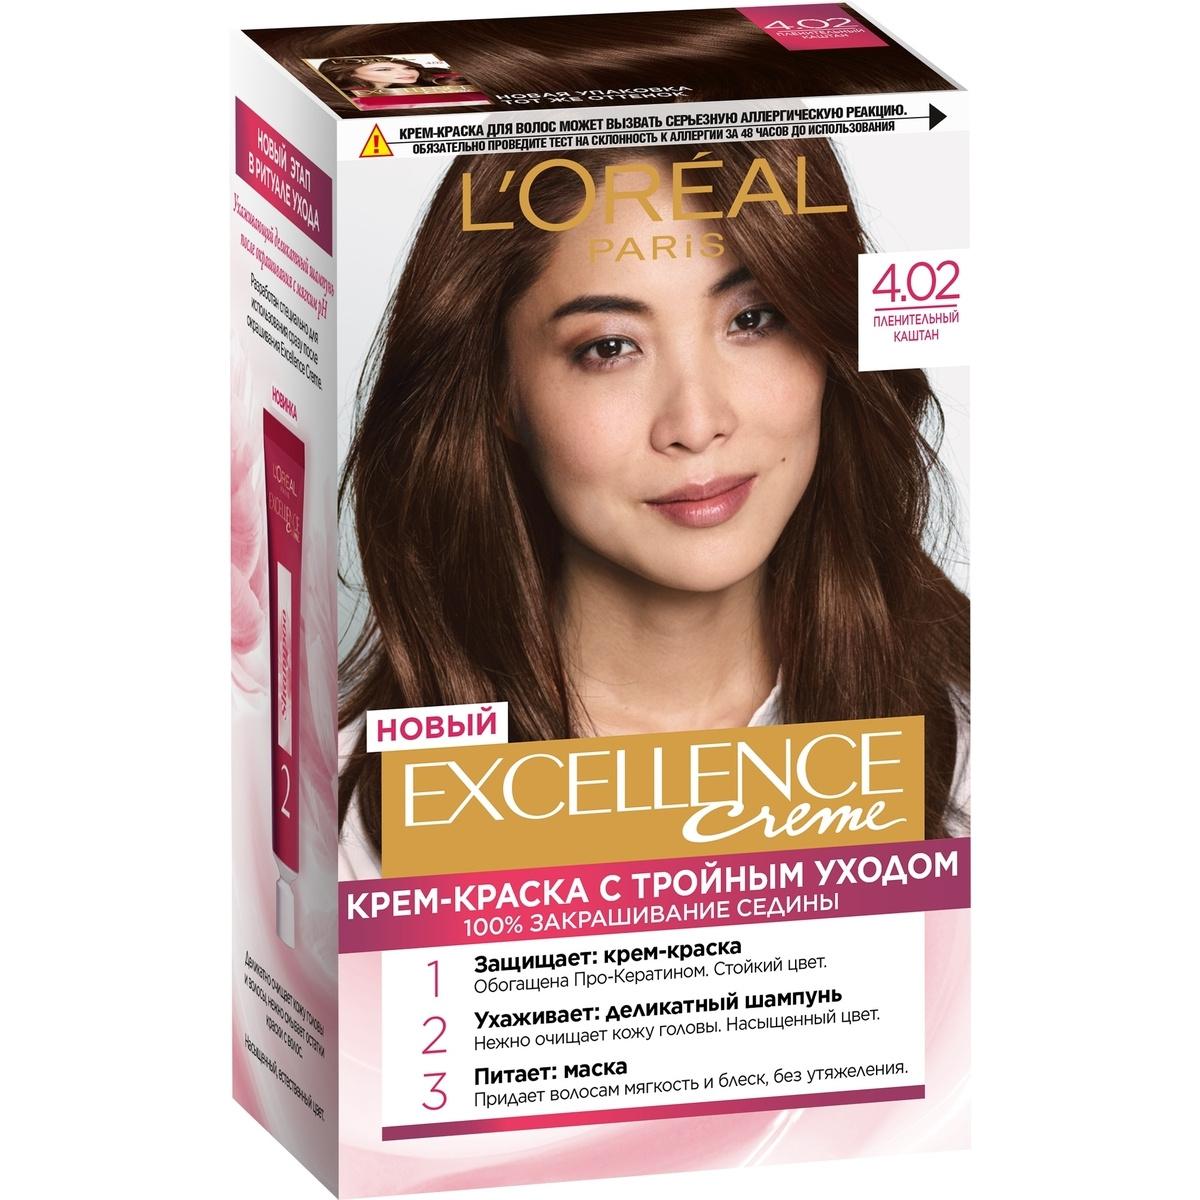 L'Oreal Paris Стойкая крем-краска для волос Excellence, оттенок 4.02, Пленительный каштан  #1